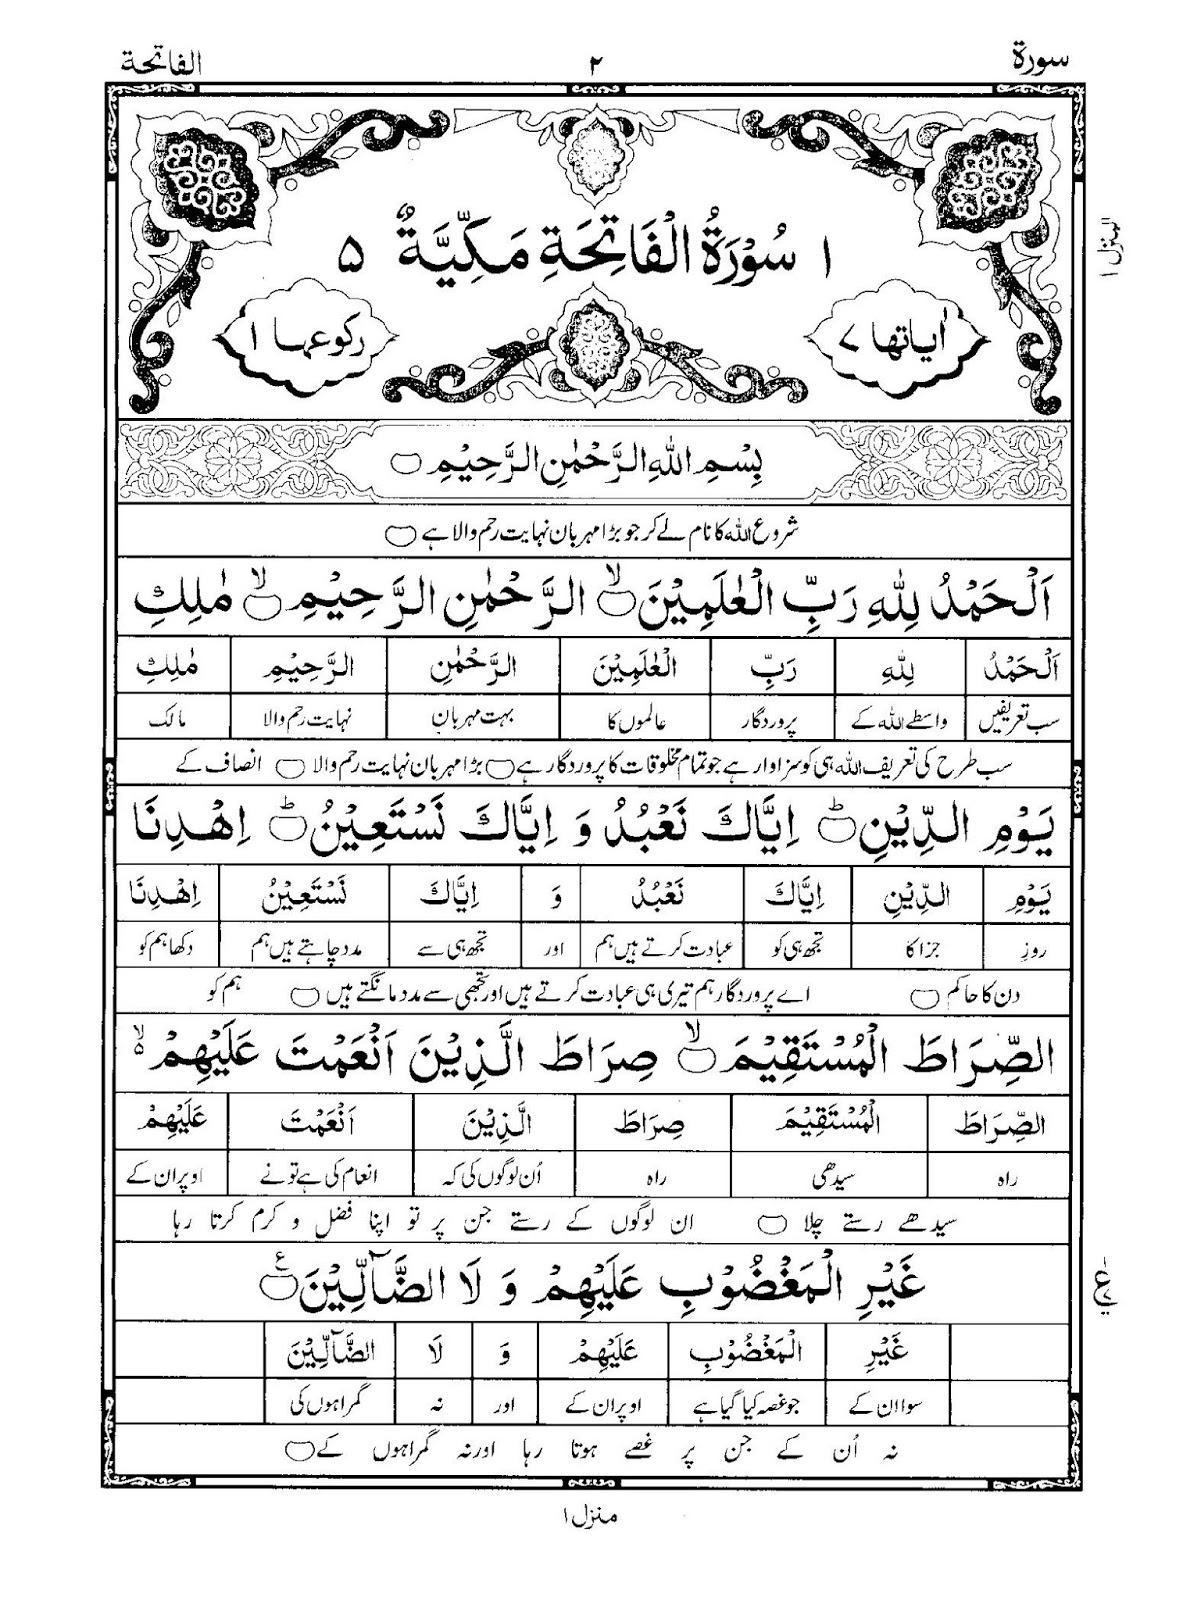 allahsquran.com - Allah's Quran - Quran - A Guidance ...